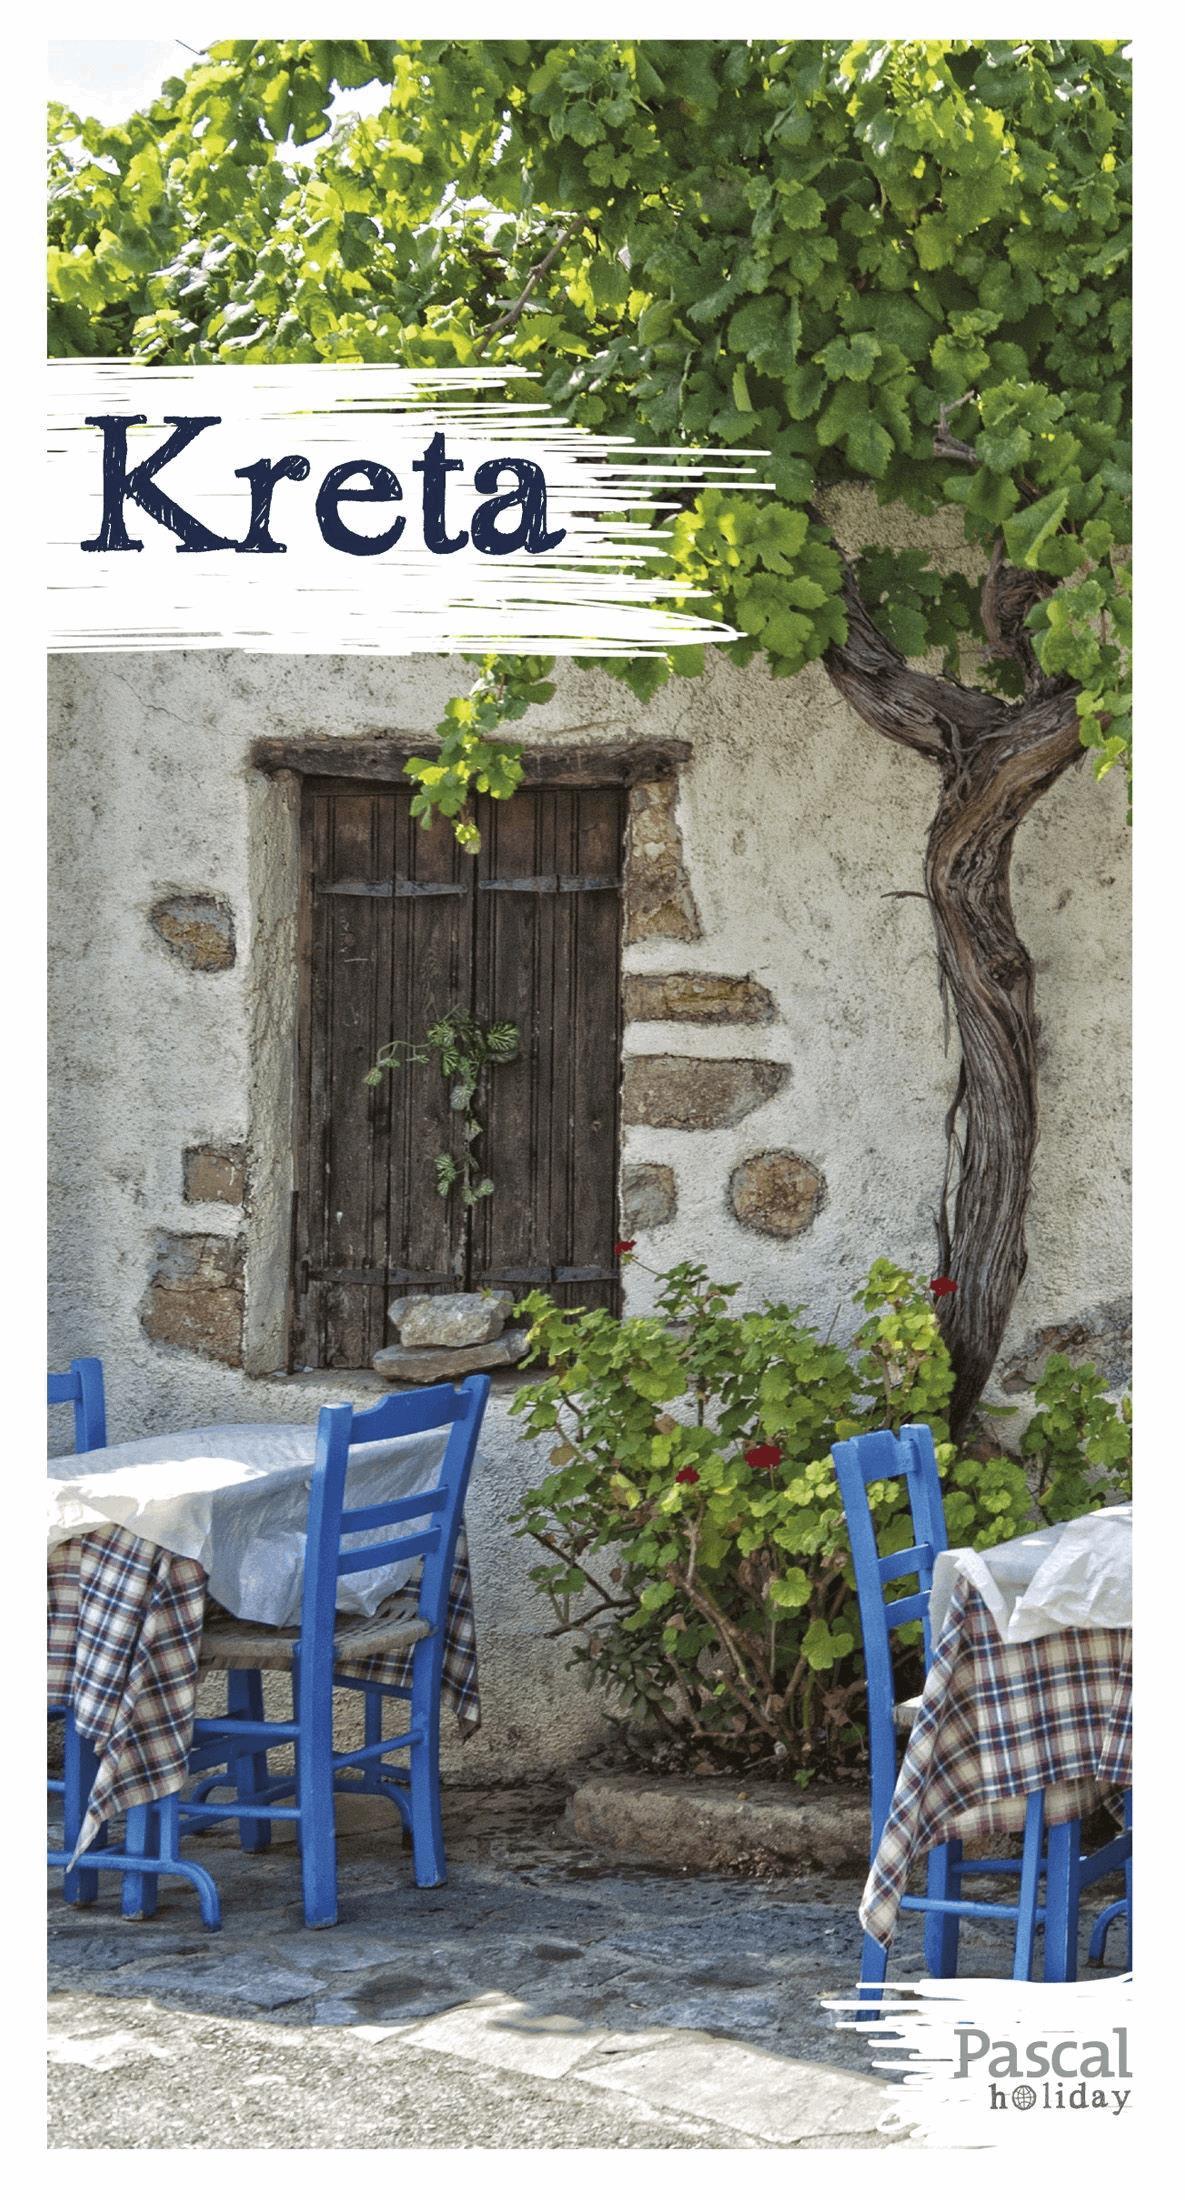 Kreta [Pascal Holiday] - Tylko w Legimi możesz przeczytać ten tytuł przez 7 dni za darmo. - Wiesława Rusin